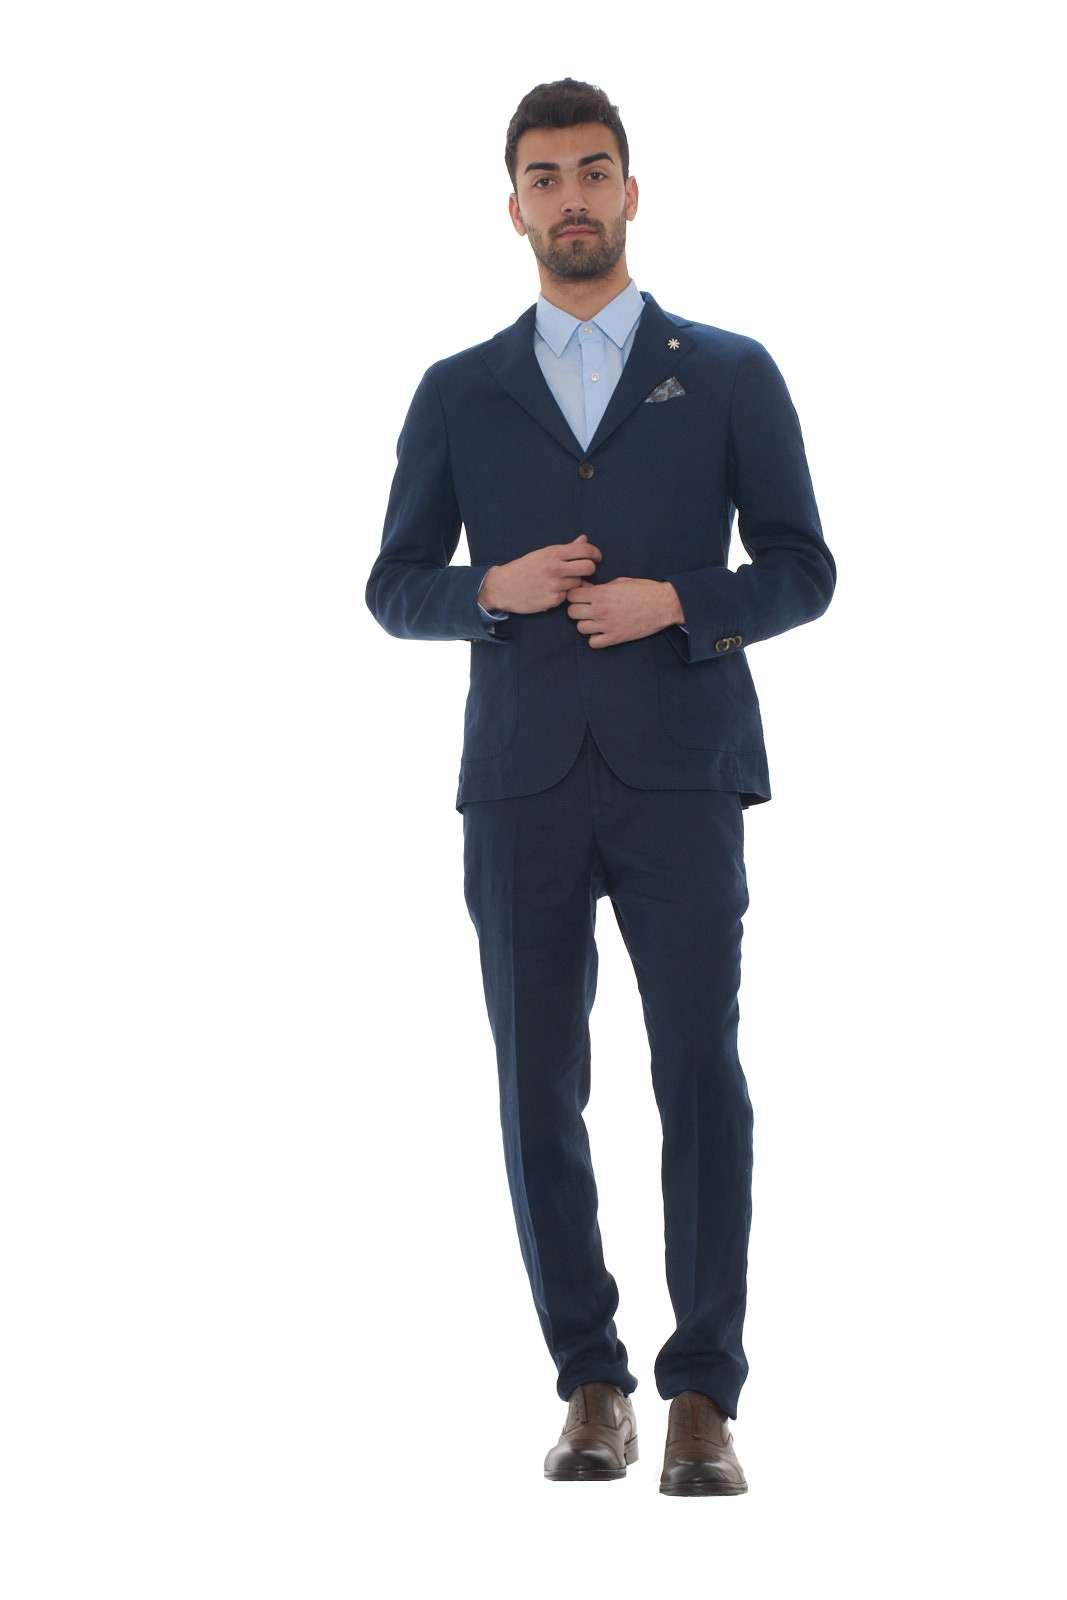 Un abito in lino perfetto per le occasioni importanti quello proposto dalla nuova collezione uomo Manuel Ritz. La giacca, caratterizzata dal collo rever e dal doppio spacco posteriore, si impone per un look chic da indossare anche nelle calde giornate estive. Il pantalone slim è sinonimo di lusso e comodità. Il modello è alto 1.80m e indossa la taglia 48.